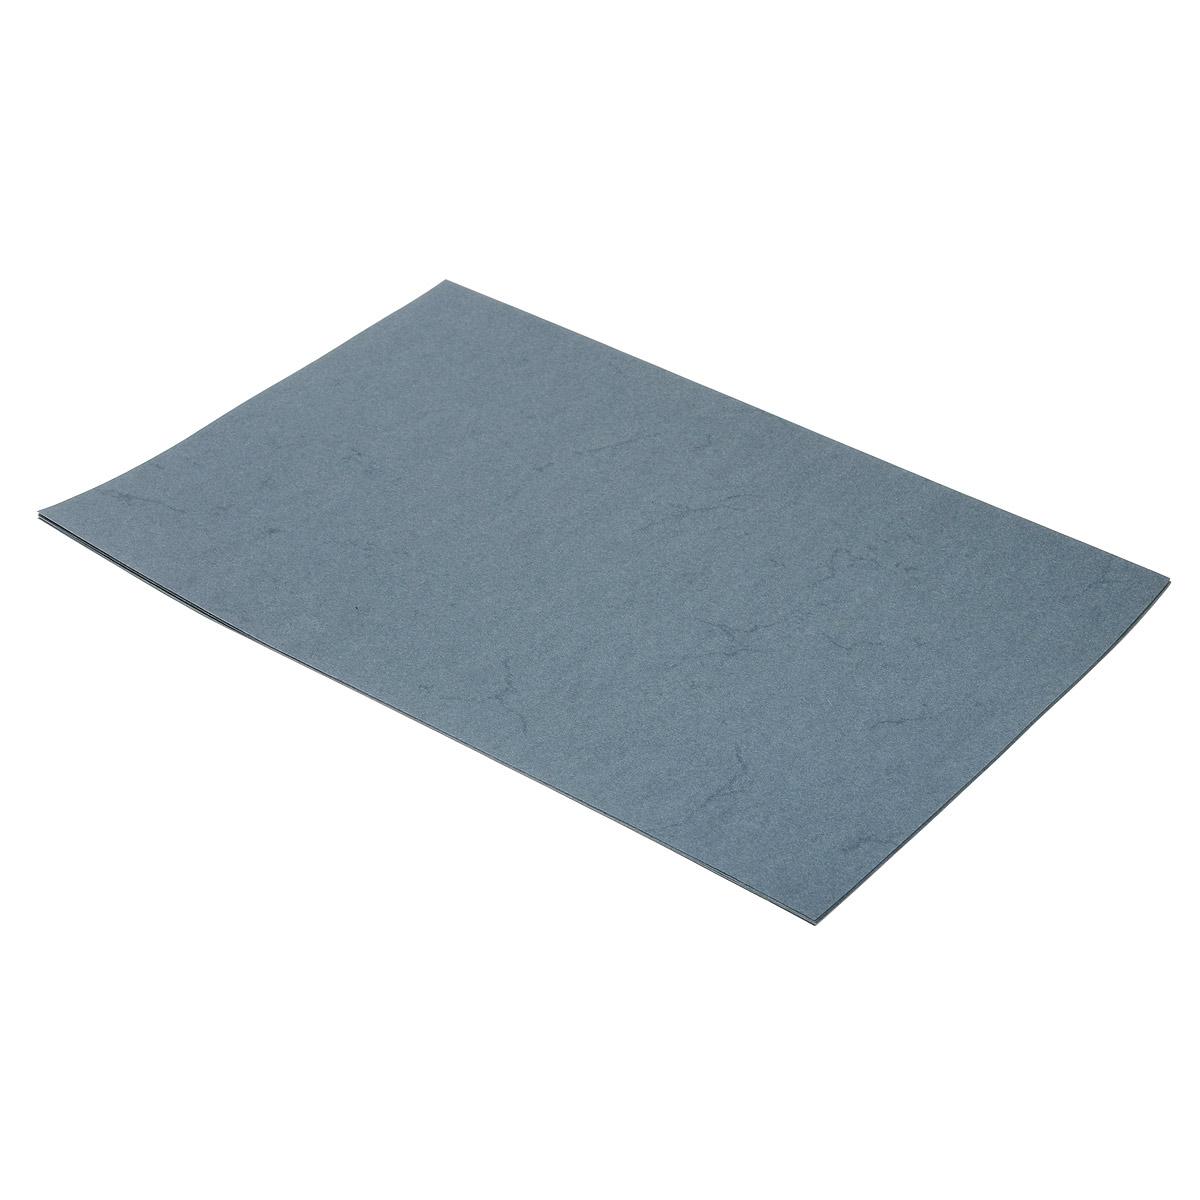 Бумага с имитацией пергамента Folia, цвет: серый, A4, 10 л7708146Гладкая тонированная дизайнерская бумага Folia с имитацией окрашенного пергамента идеальна для изготовления оригинальных визиток, папок, календарей, презентационной продукции. Также бумага прекрасно подойдет для оформления творческих работ в технике скрапбукинг. Ее можно использовать для украшения фотоальбомов, скрап-страничек, подарков, конвертов, фоторамок, открыток и многого другого. В наборе - 10 листов. Скрапбукинг - это хобби, которое способно приносить массу приятных эмоций не только человеку, который этим занимается, но и его близким, друзьям, родным. Это невероятно увлекательное занятие, которое поможет вам сохранить наиболее памятные и яркие моменты вашей жизни, а также интересно оформить интерьер дома. Плотность бумаги: 110 г/м2. Размер листа: 21 см х 29,5 см. Формат листа: A4.